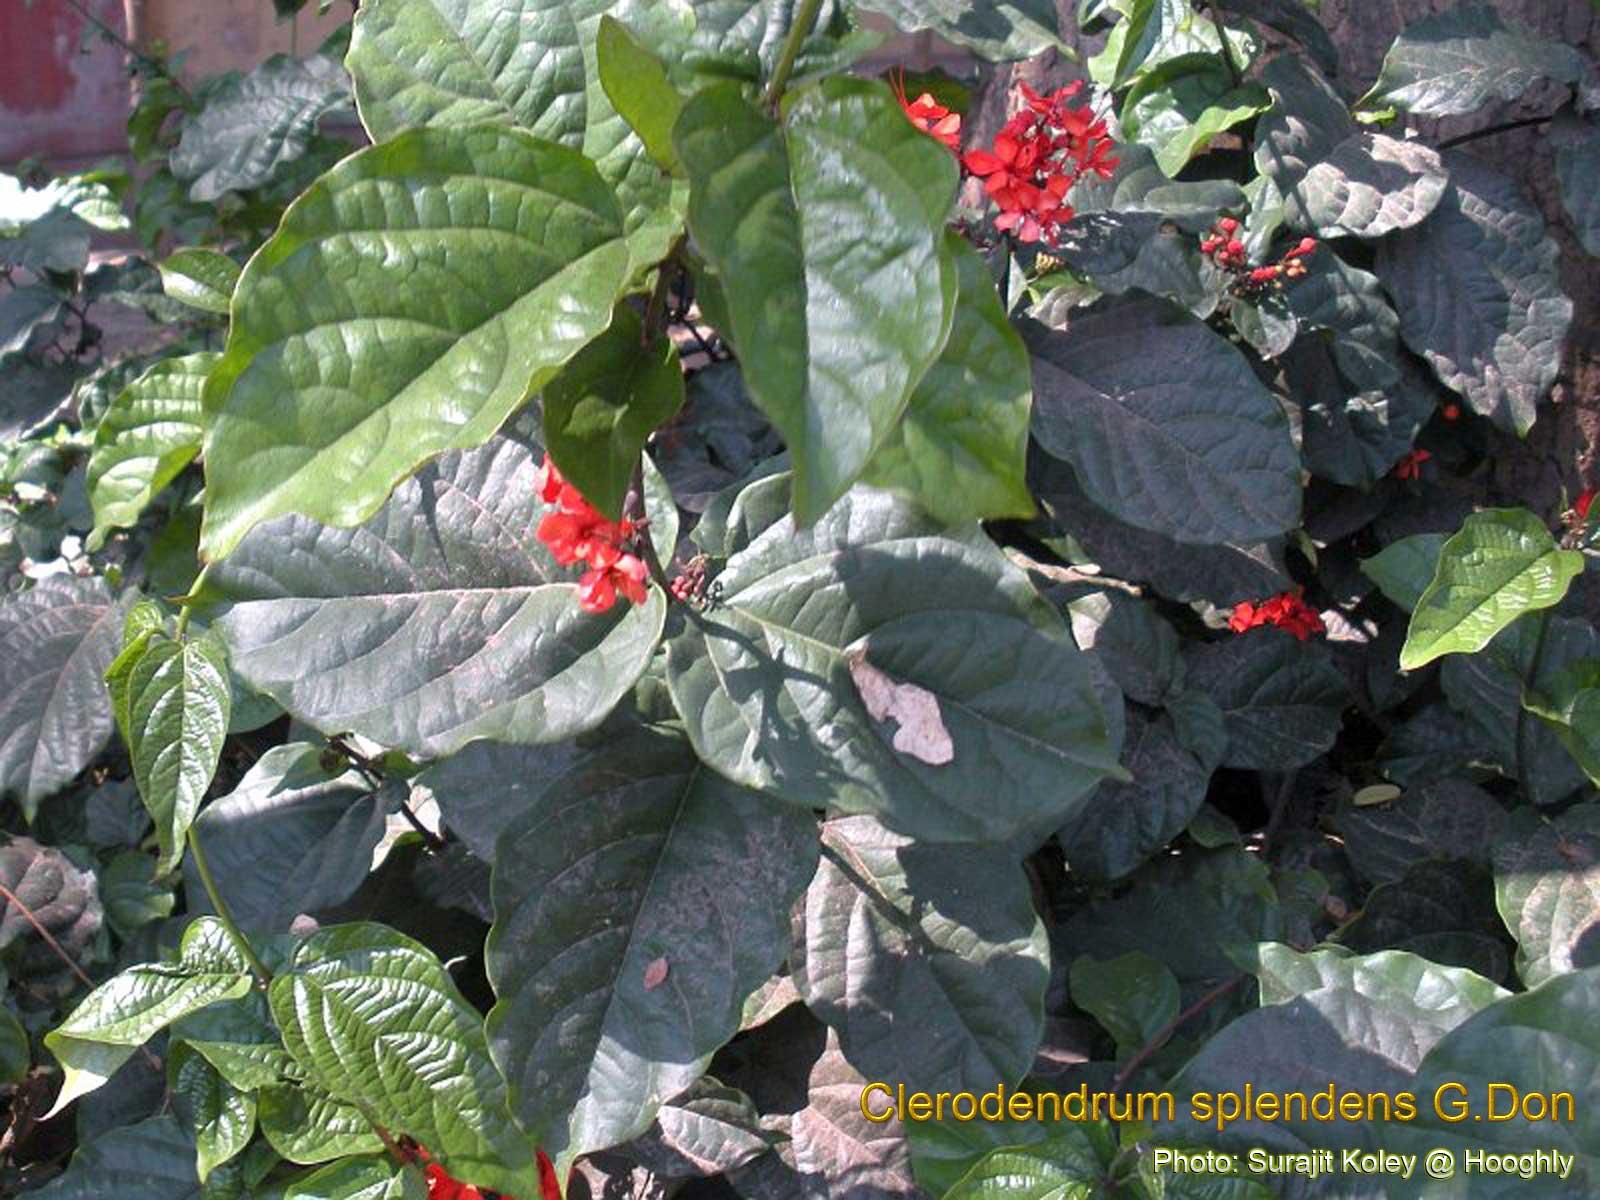 Clerodendrum Splendens Medicinal Plants: Cler...